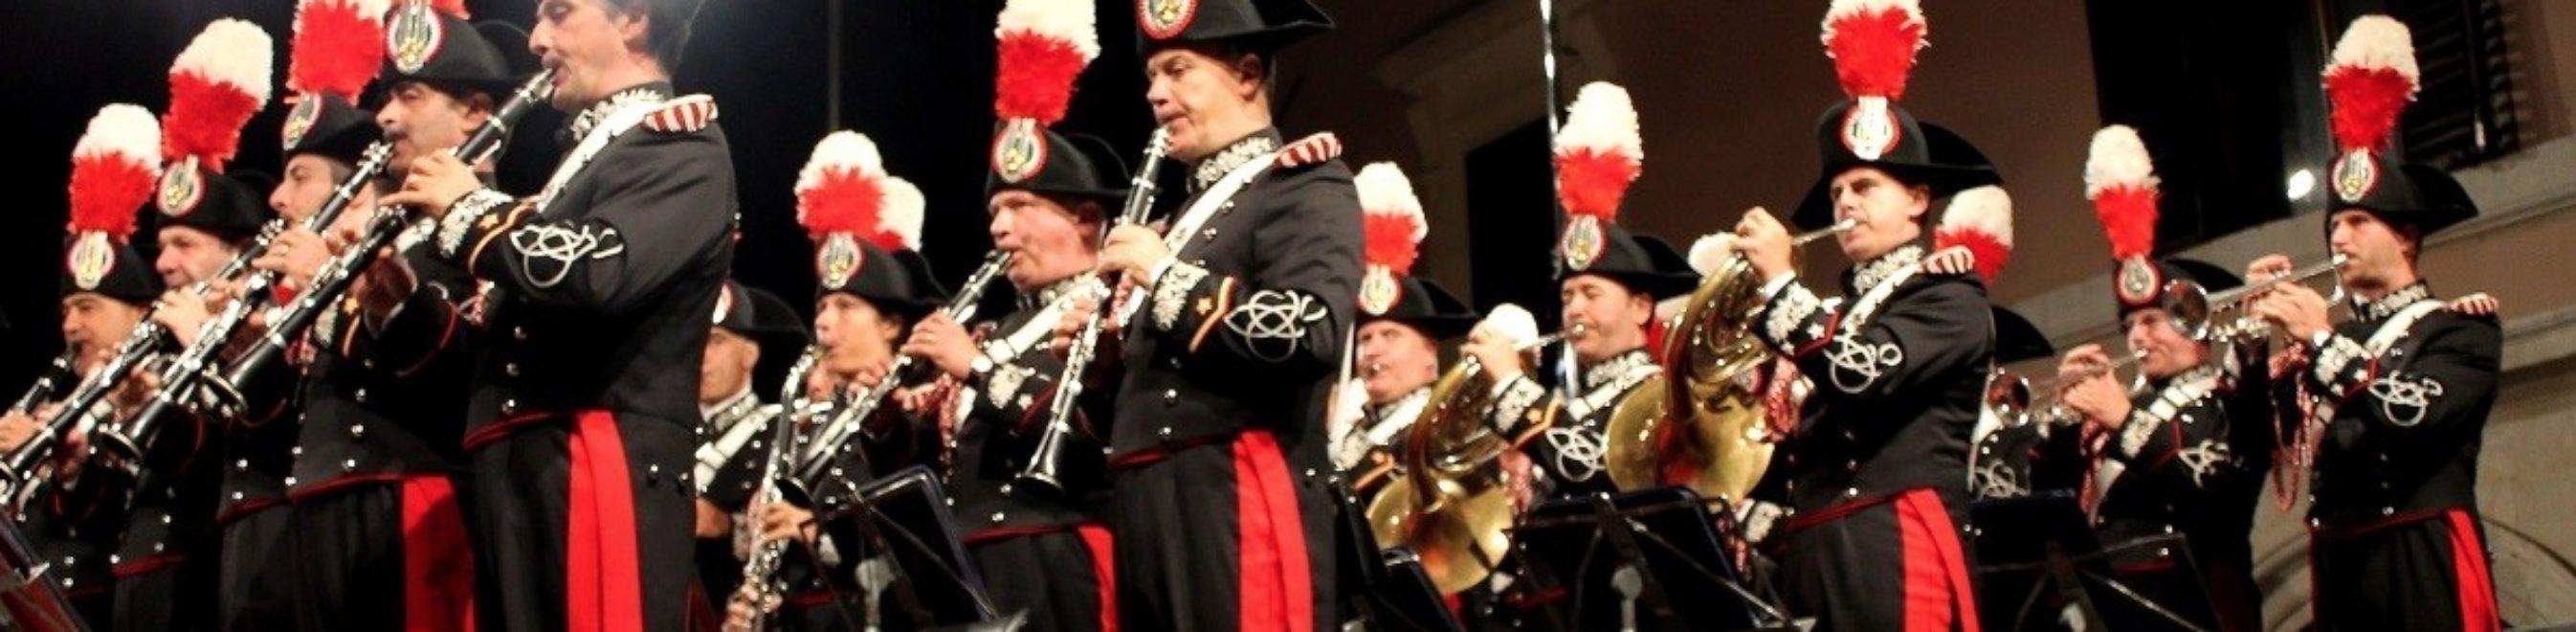 19/9 - BANDA MUSICALE DELL'ARMA DEI CARABINIERI